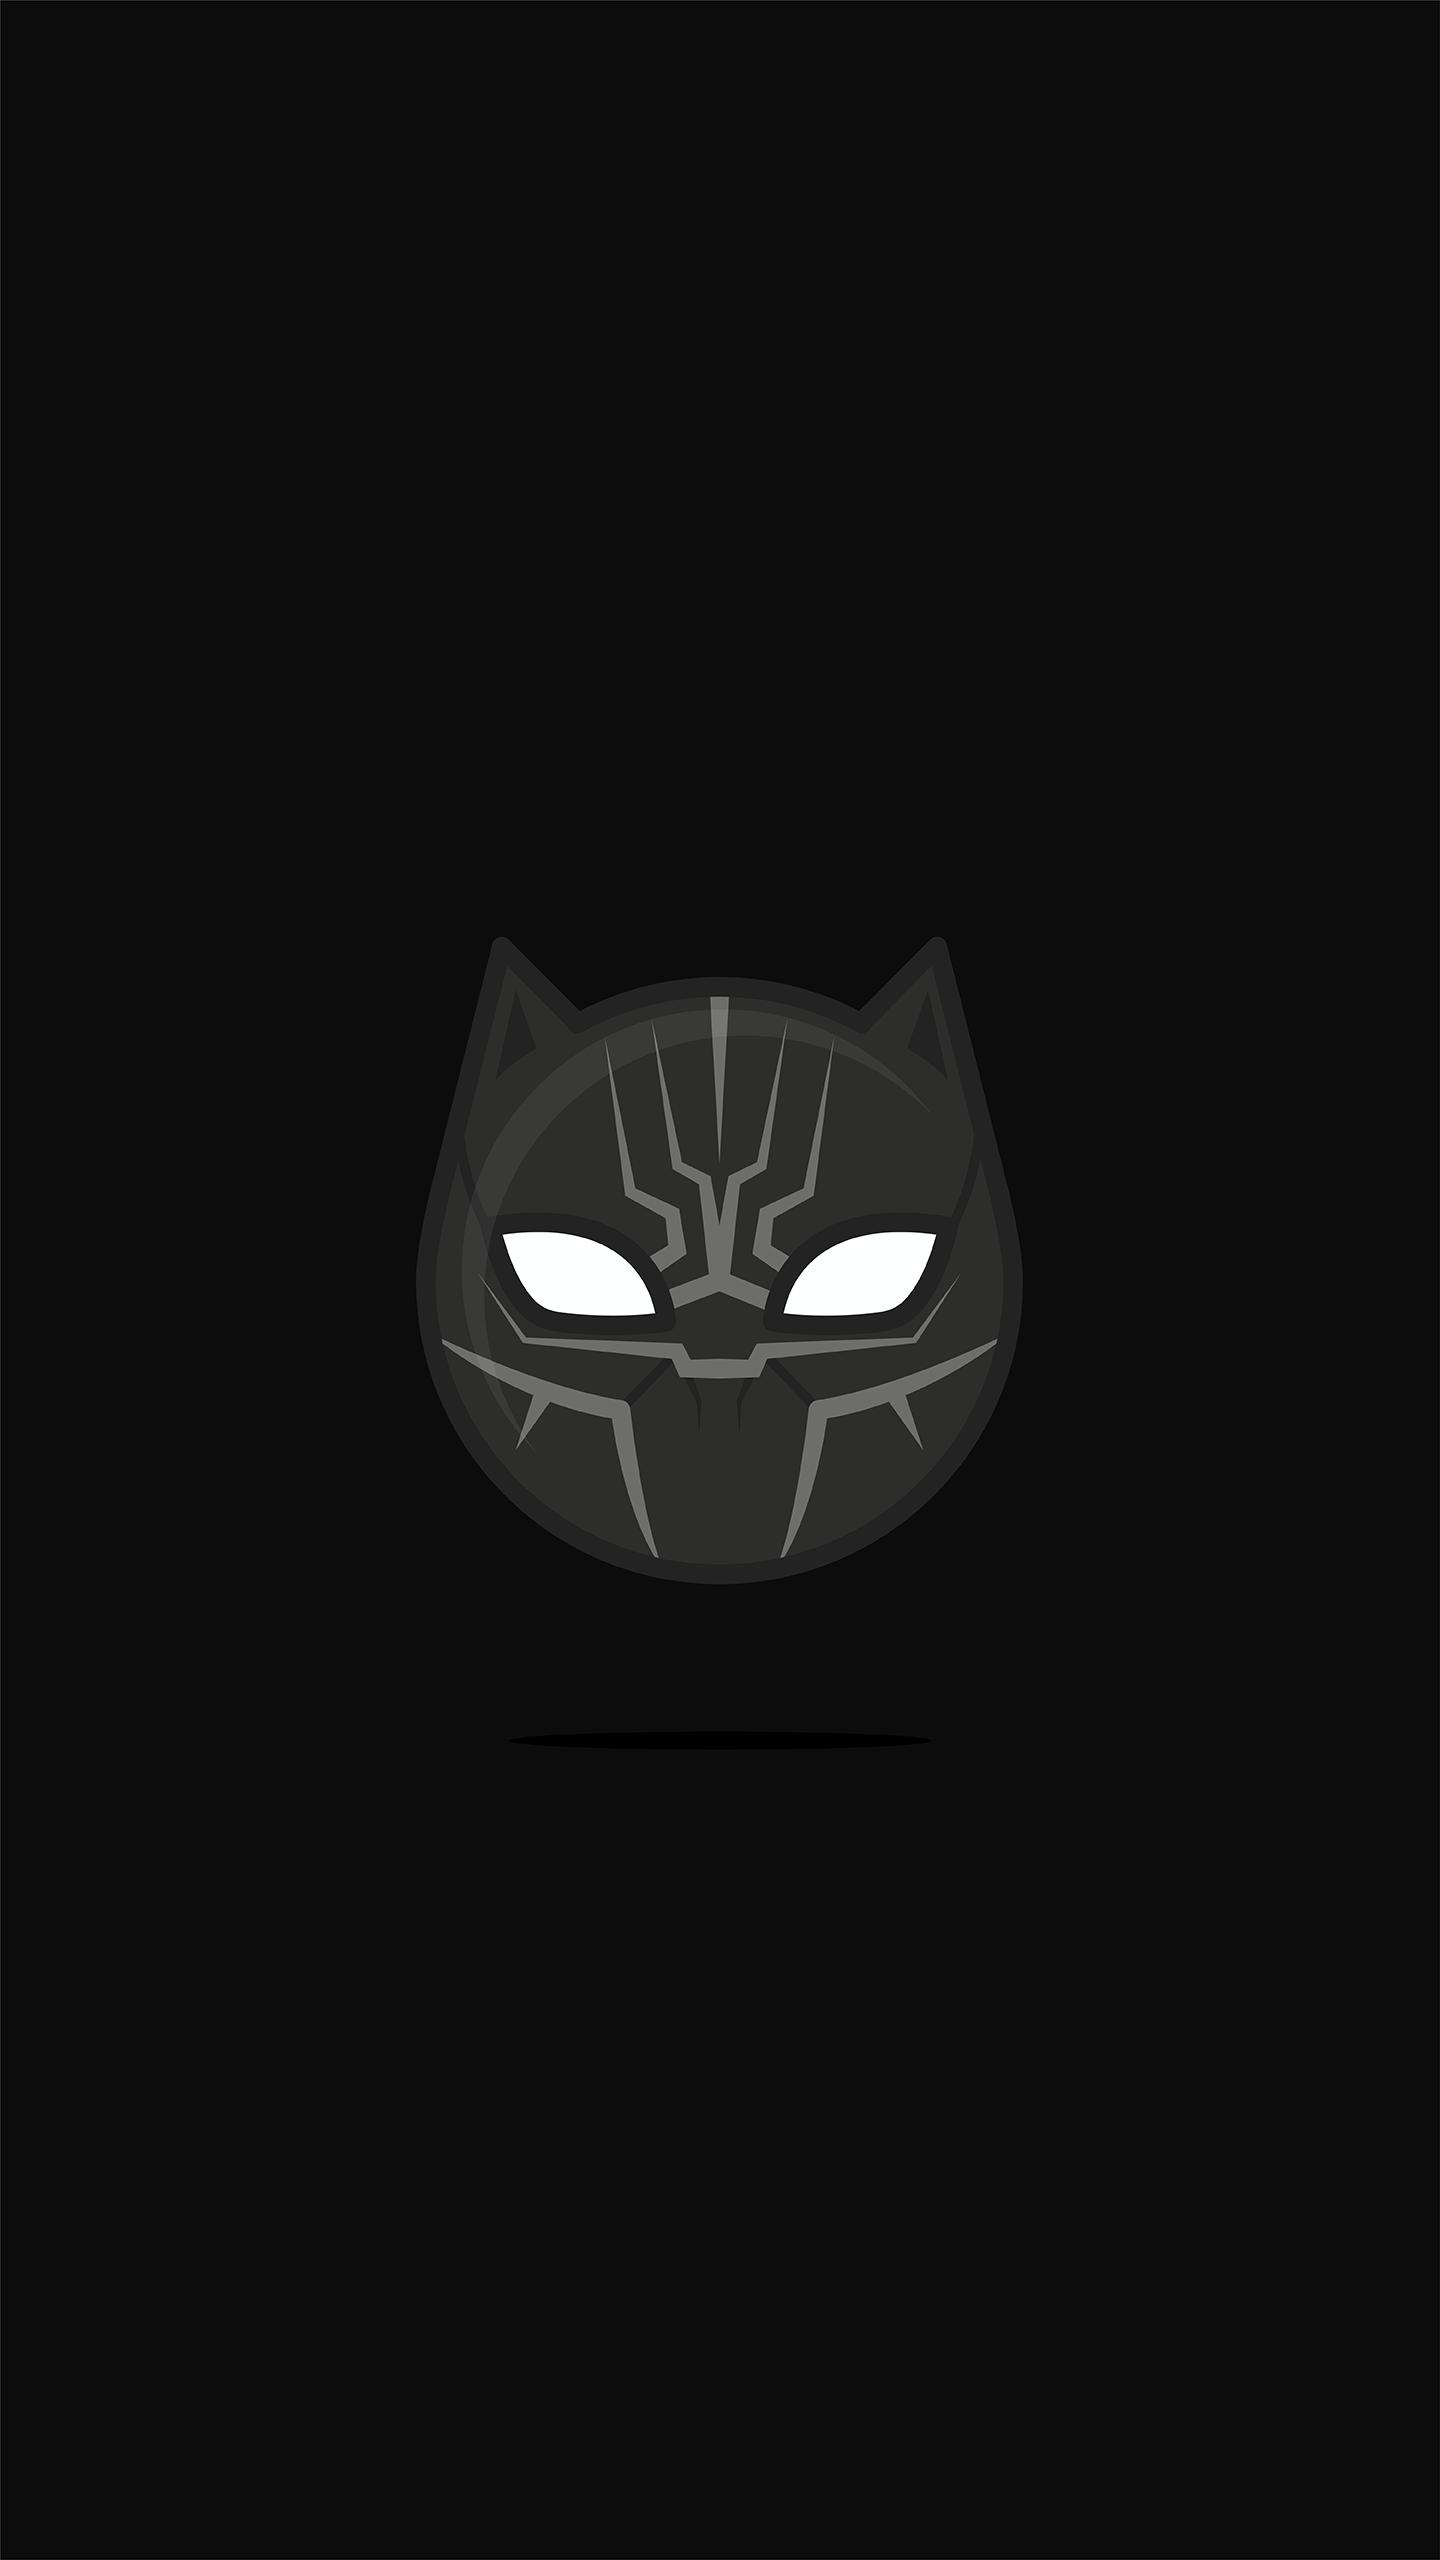 Black Panther Black Minimal iPhone Wallpaper